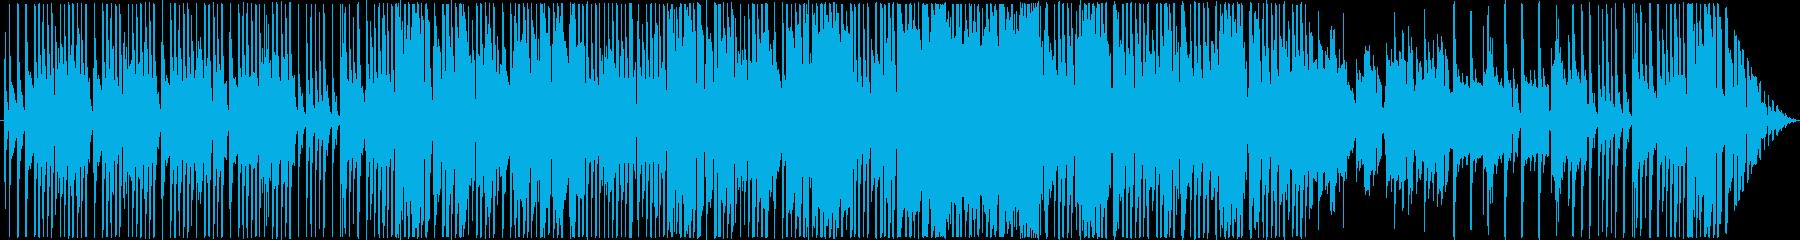 シュールなモータウン風エレピインストの再生済みの波形